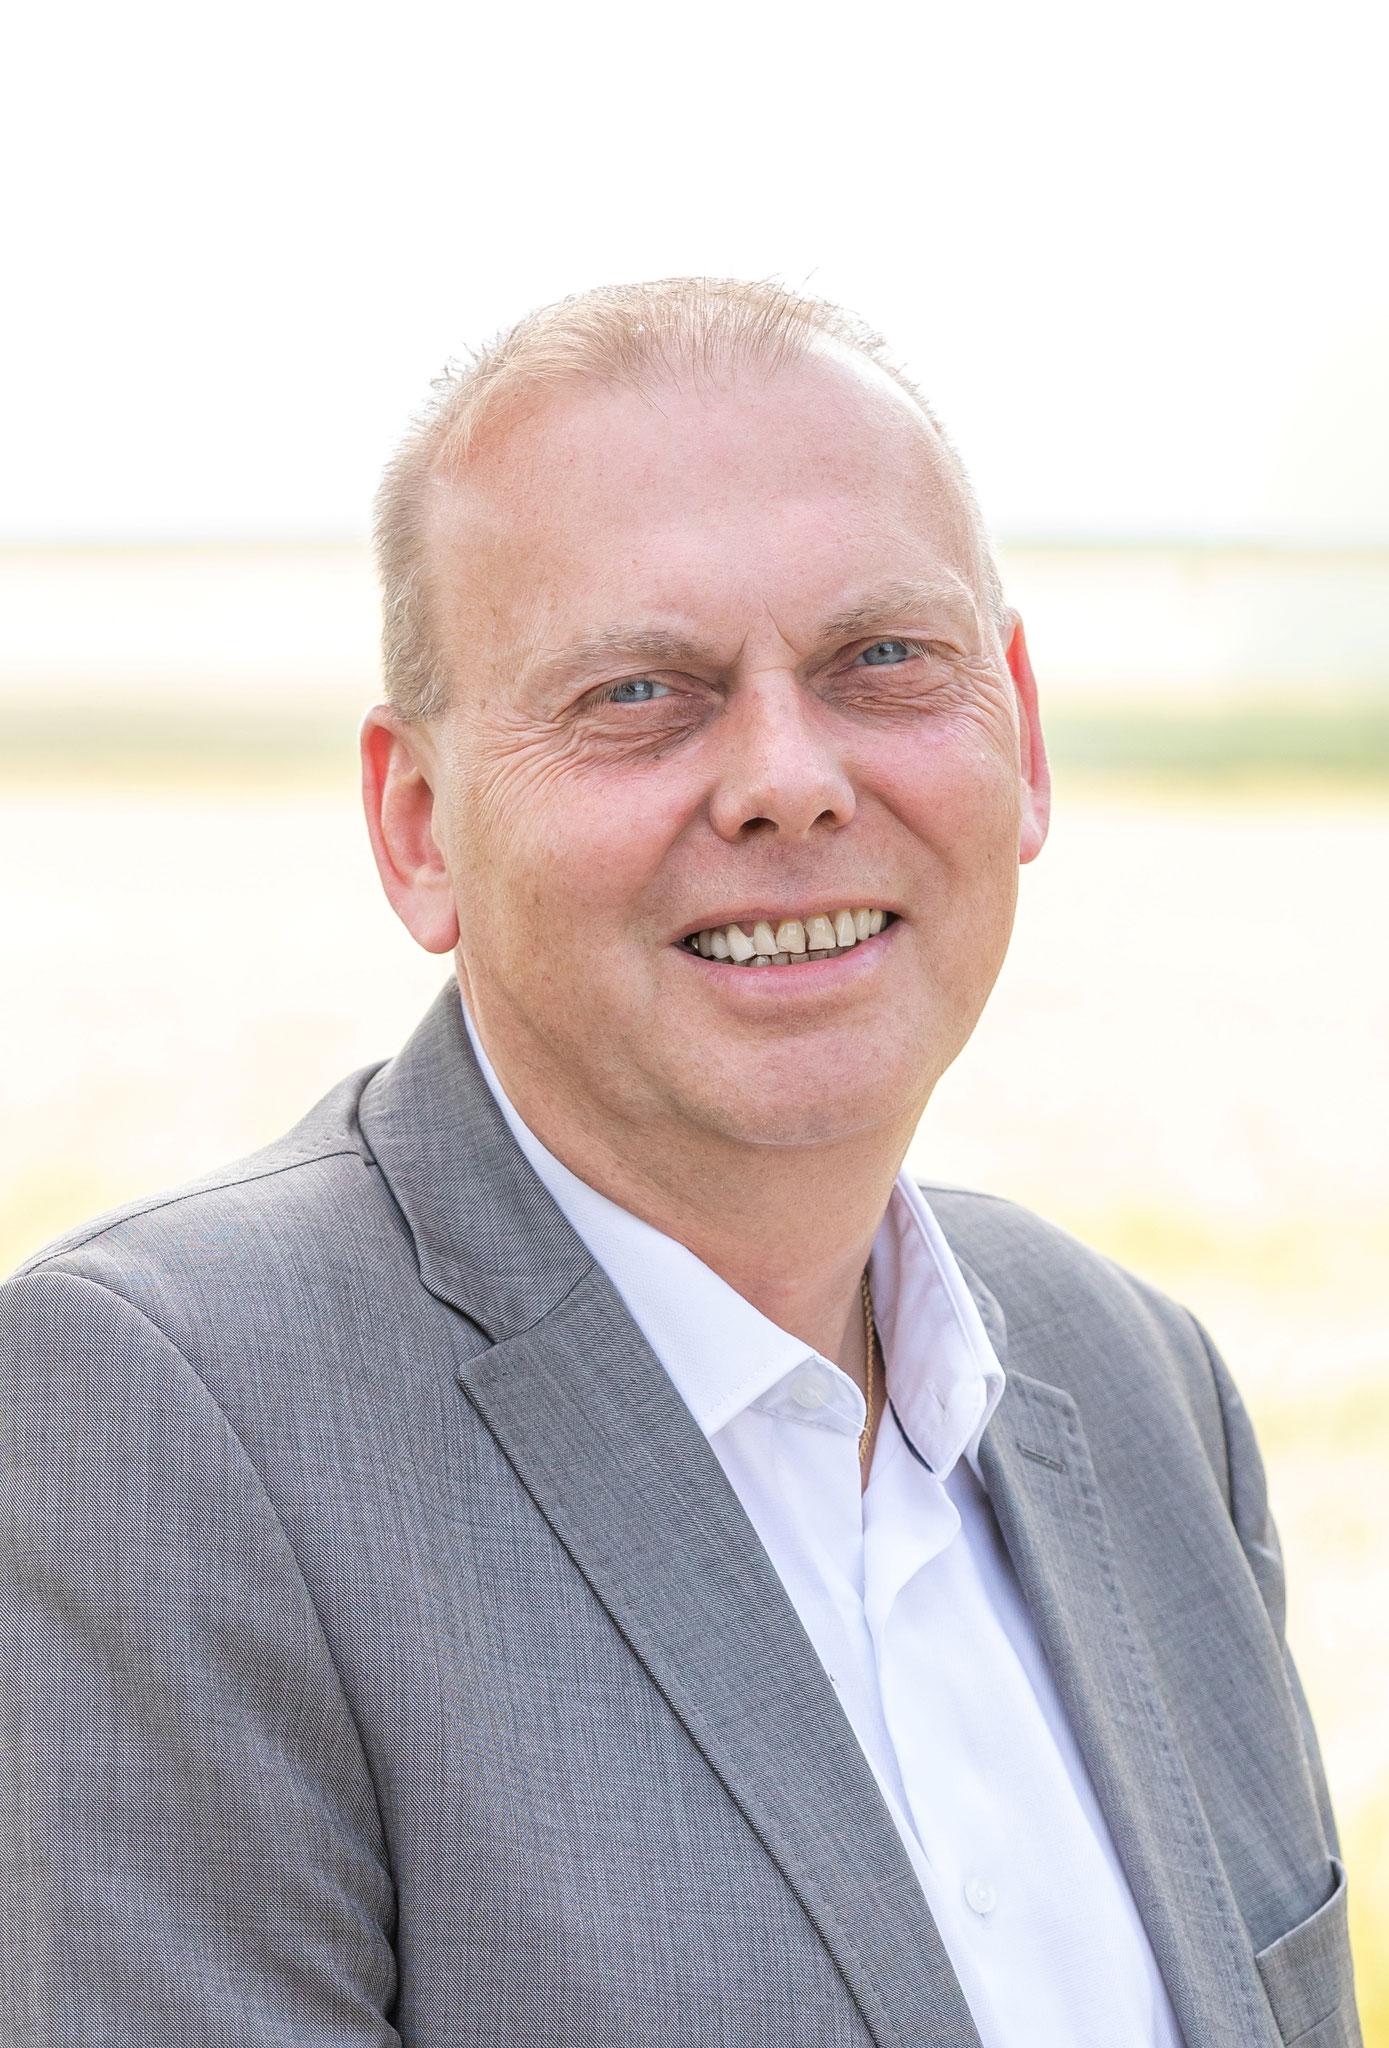 Michael Pfeiffer, stv. Fraktionsvorsitzender